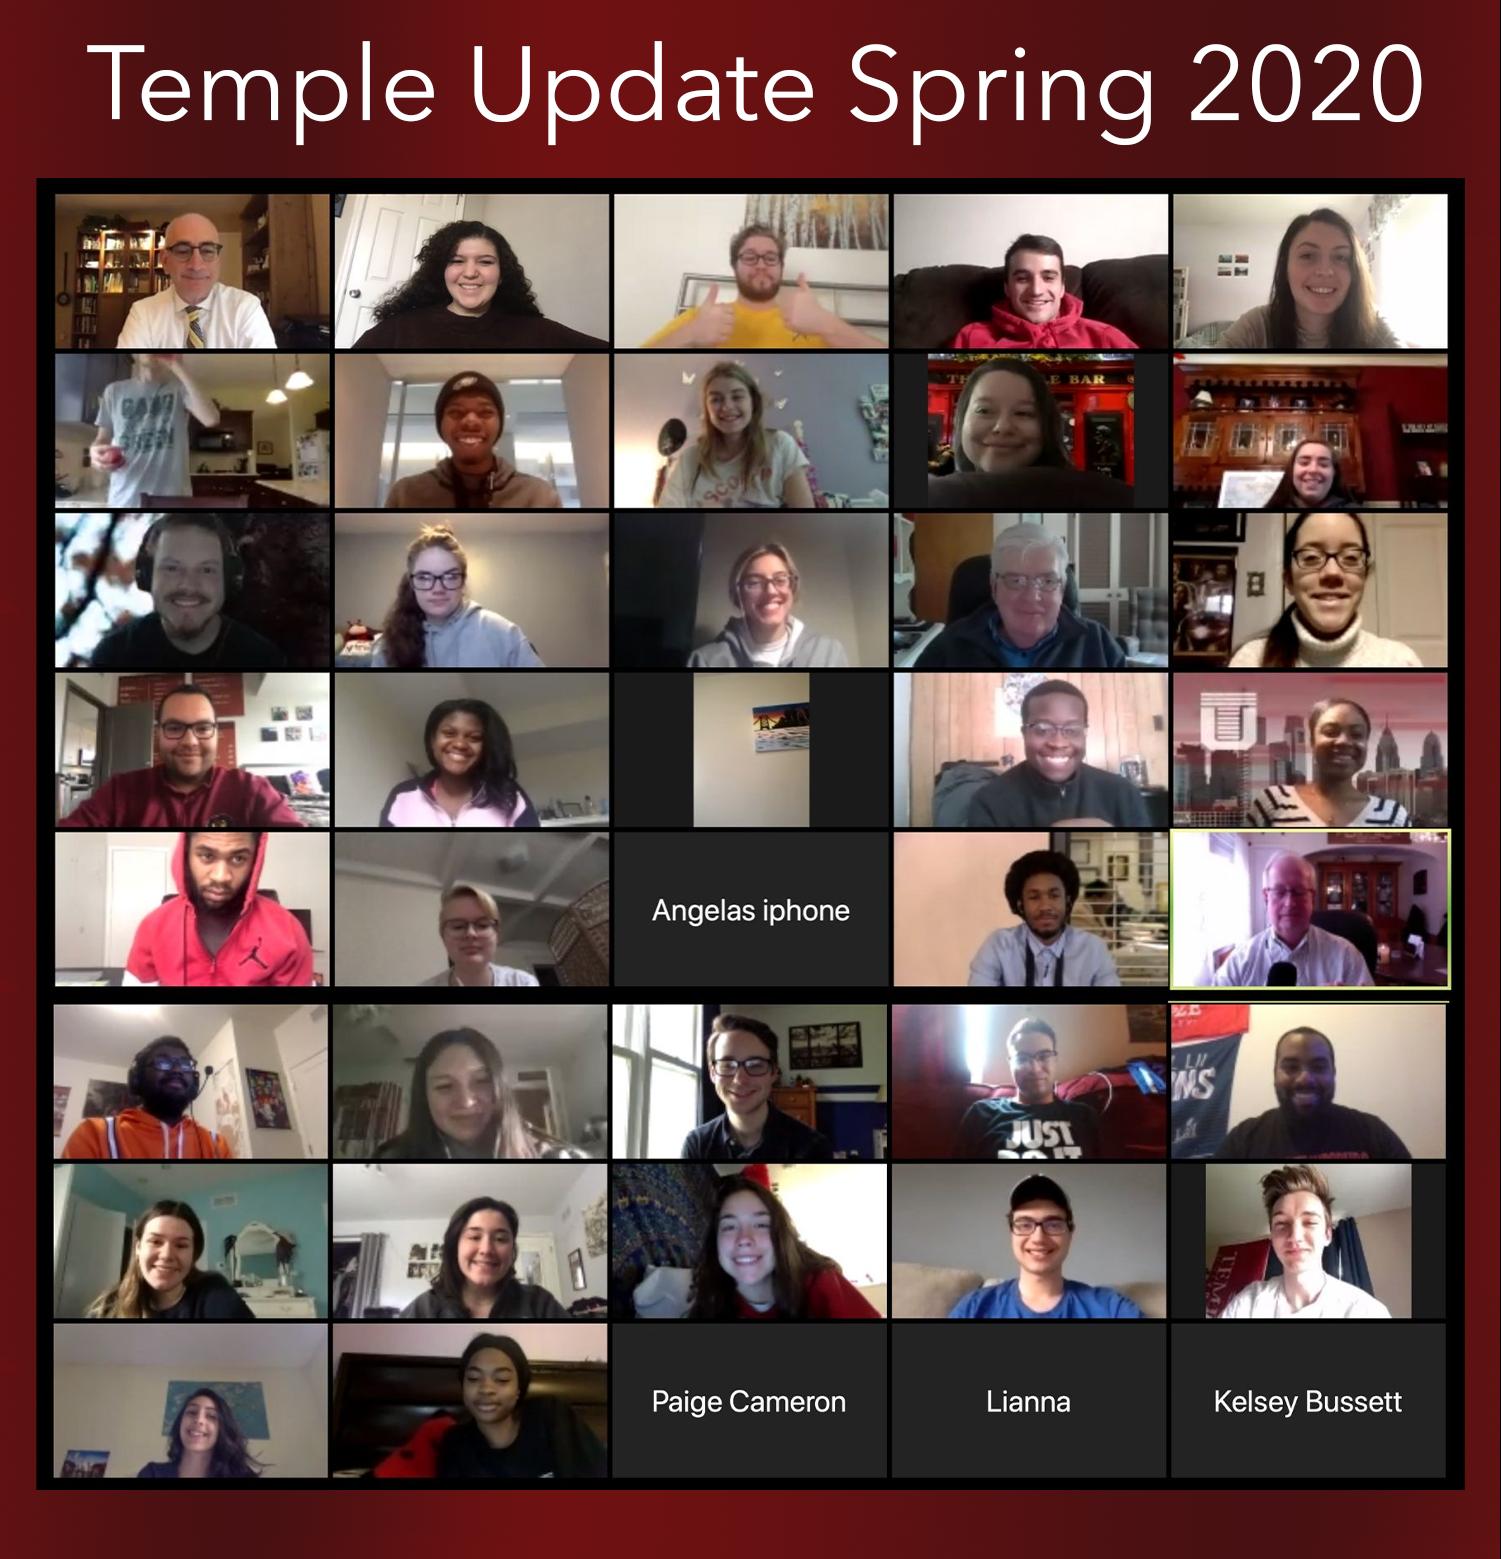 Temple Update Spring 2020 Seniors